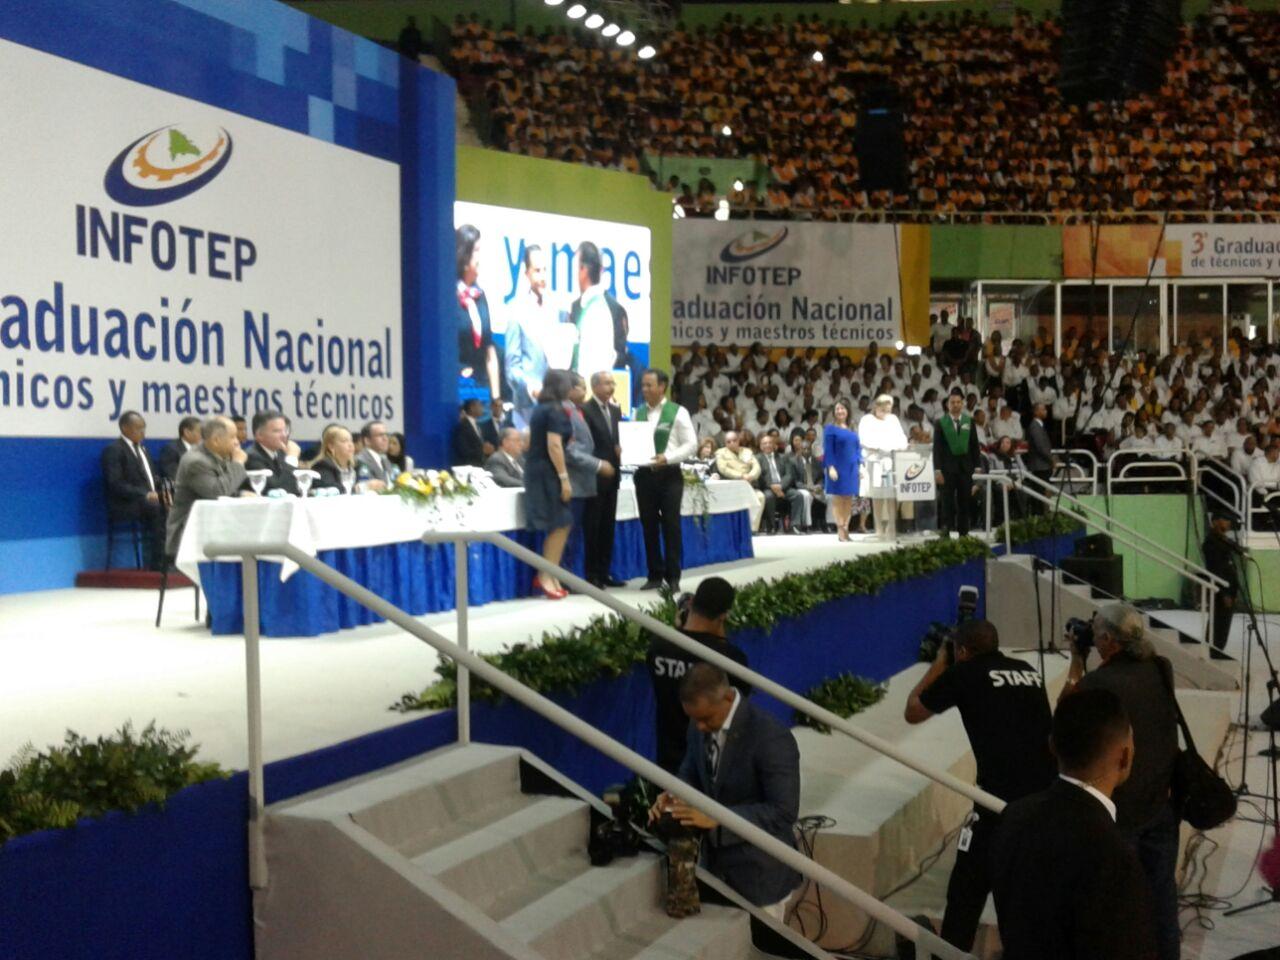 Infotep gradúa a 13 mil nuevos técnicos y maestros técnicos